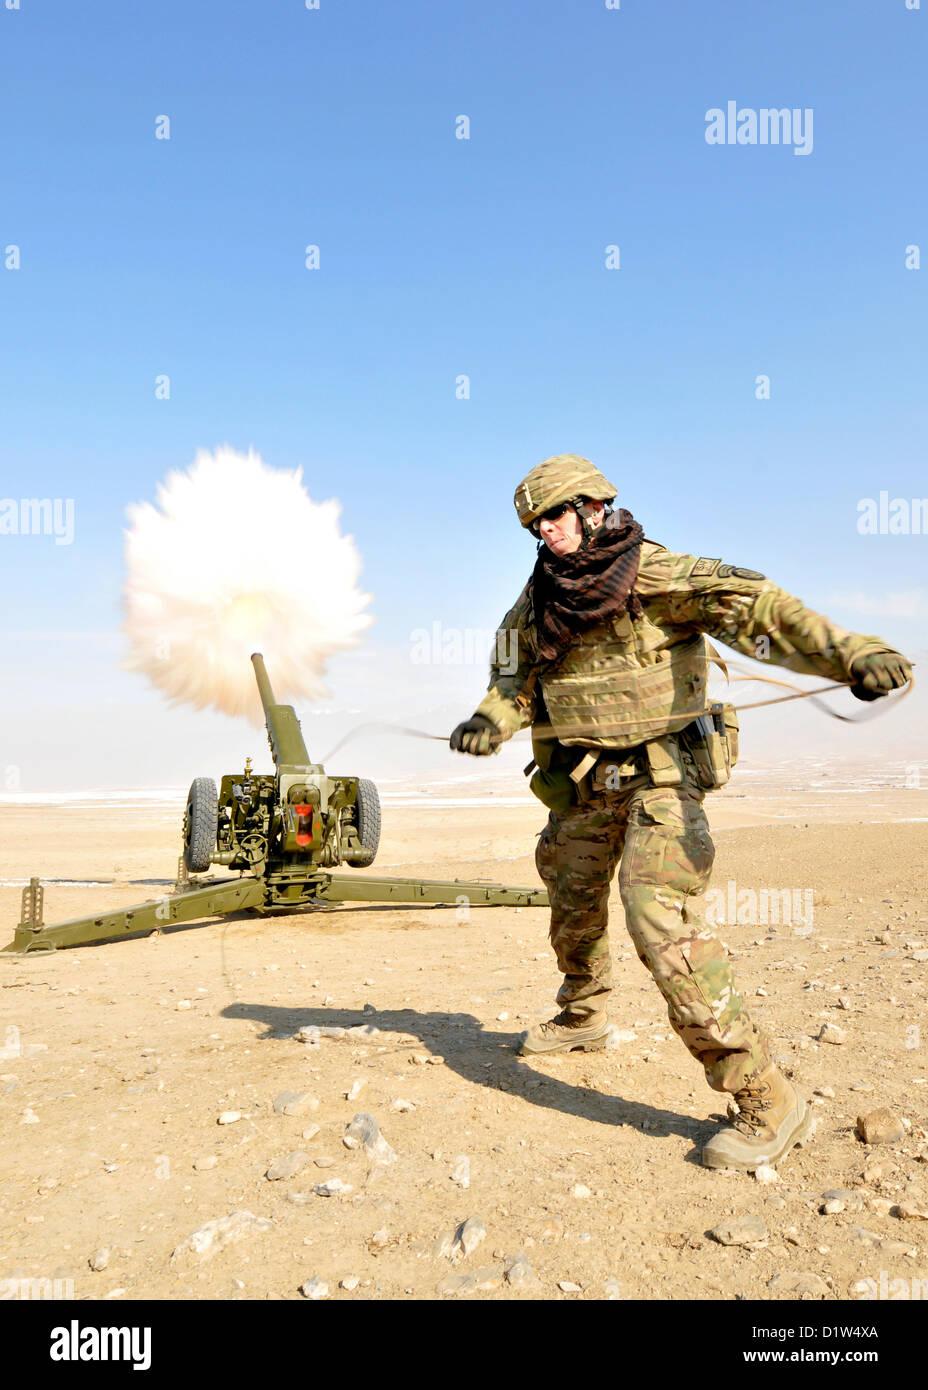 Un membre de service affecté à la formation de l'OTAN Mission-Afghanistan à Camp Eggers, Kaboul, Photo Stock